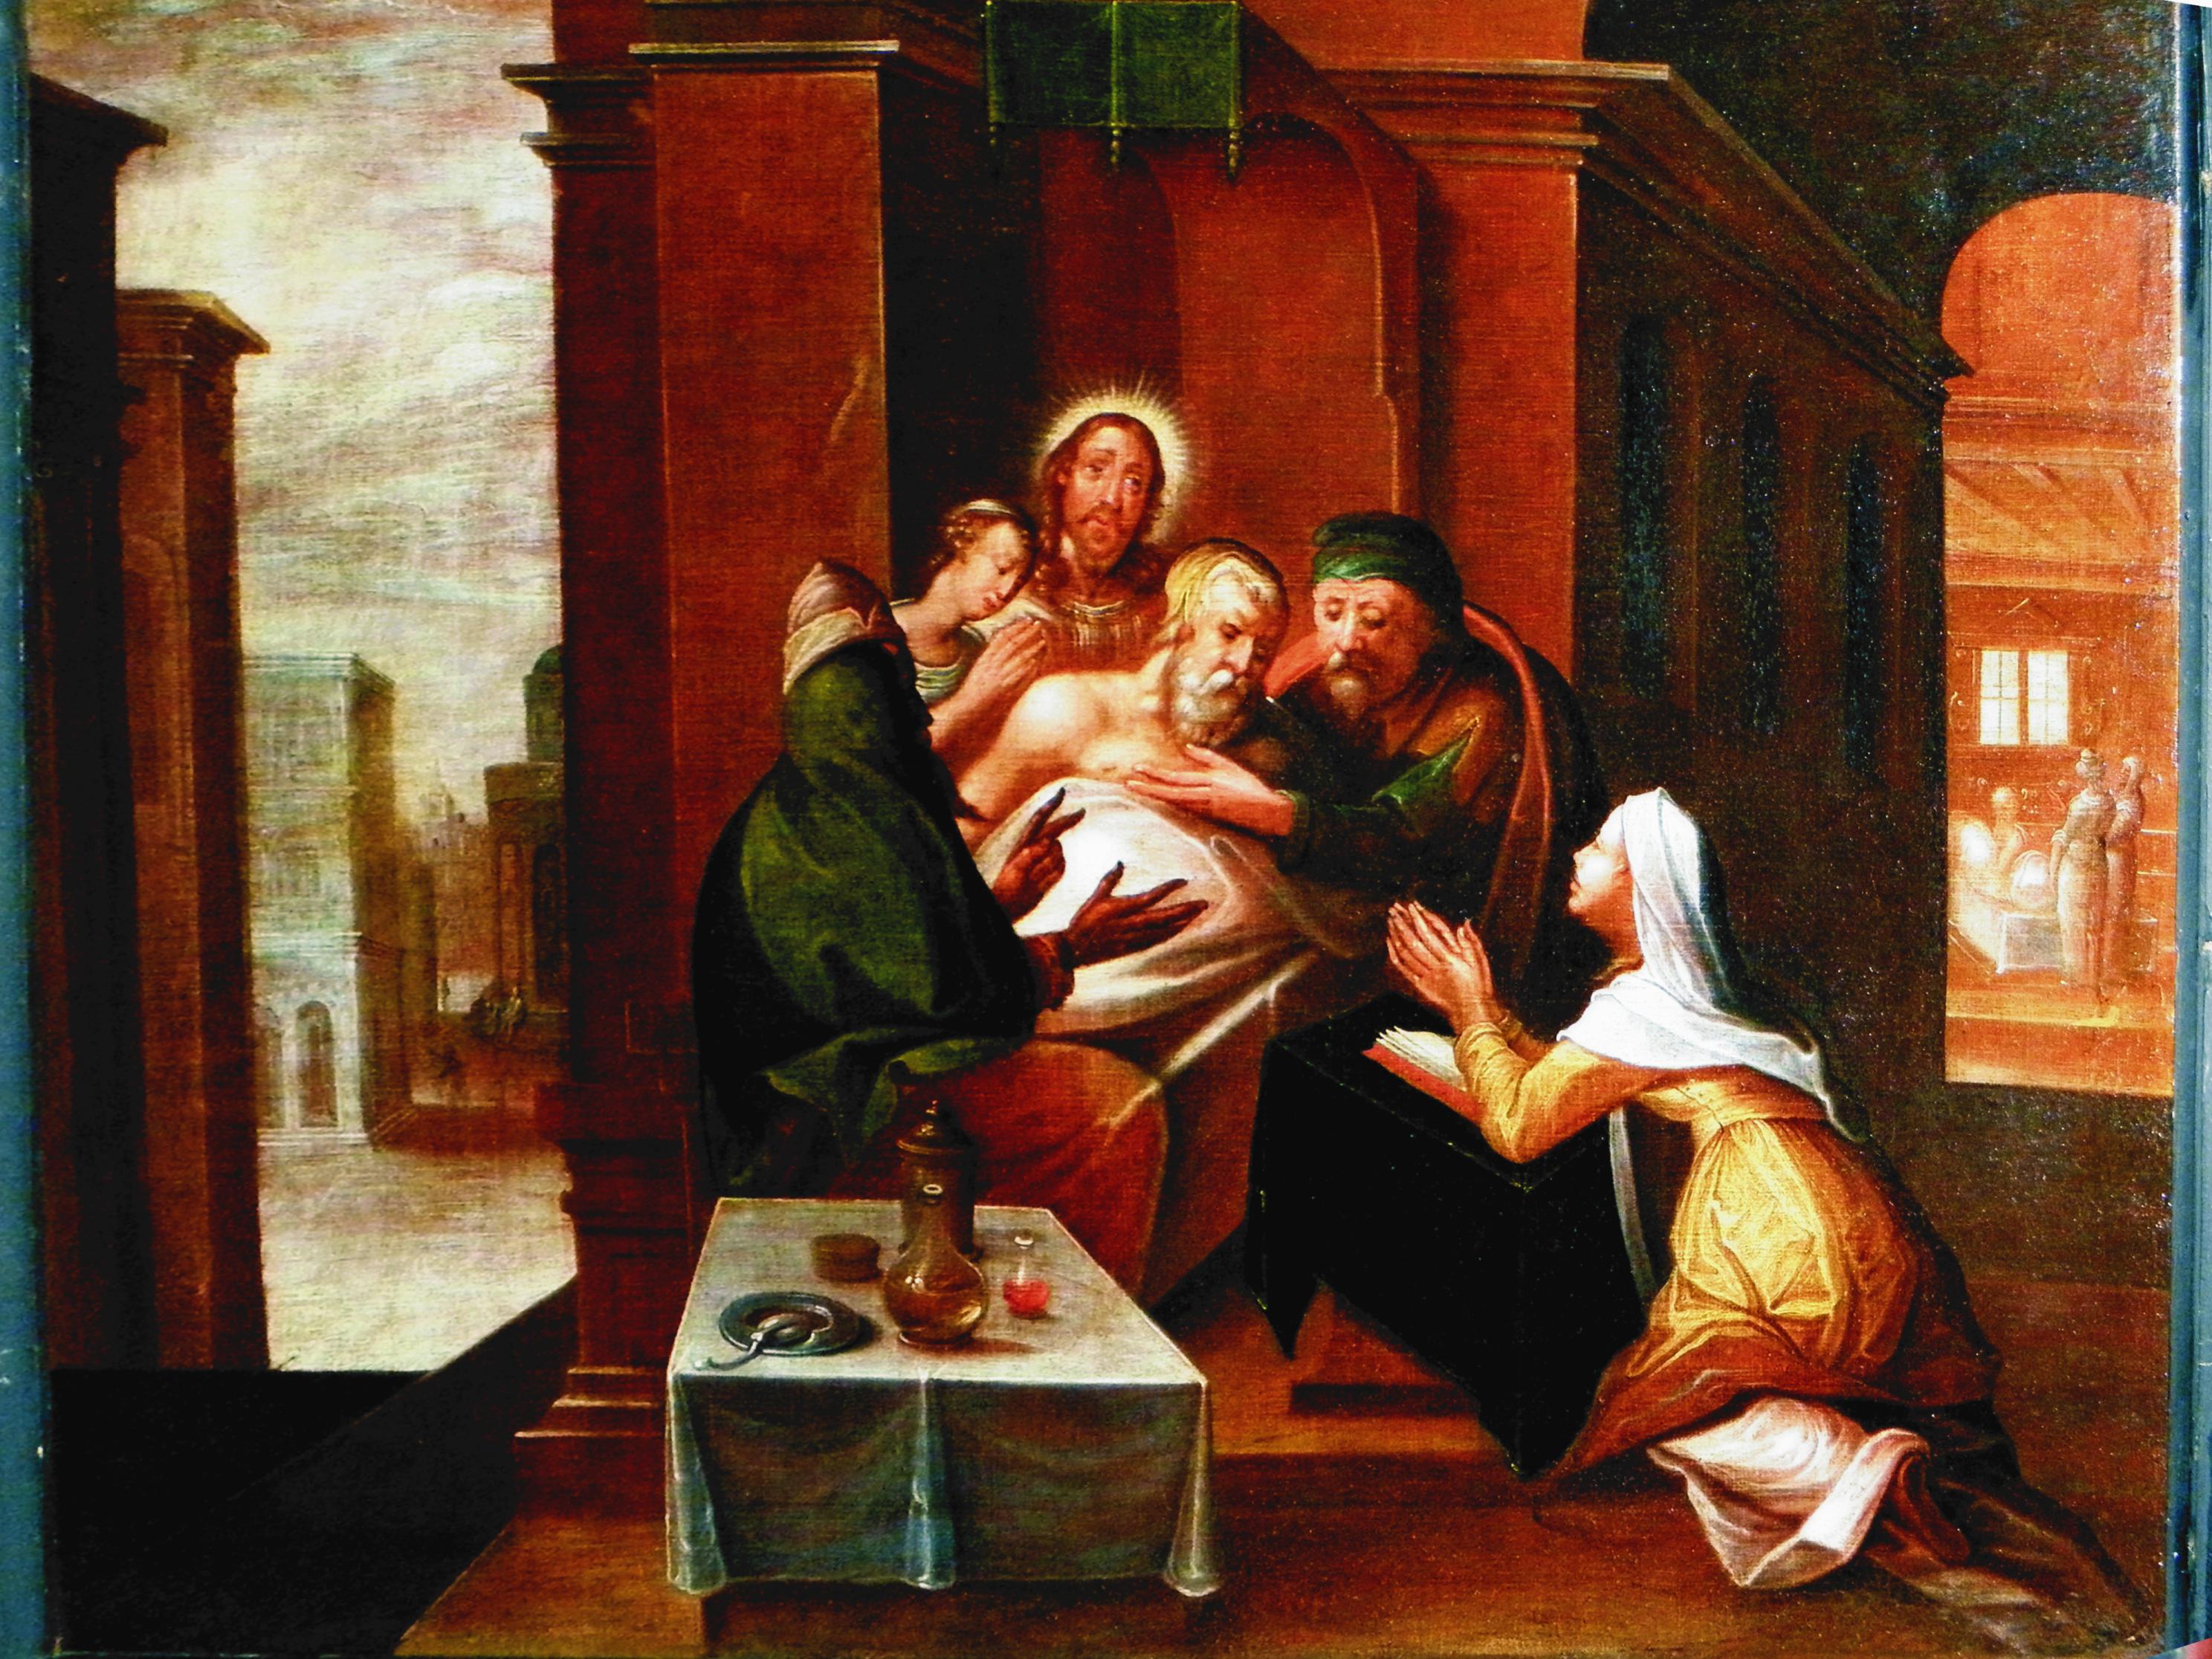 Werke der Barmherzigkeit - Die Kranken besuchen, Foto: Oberkirche Arnstadt e.V.